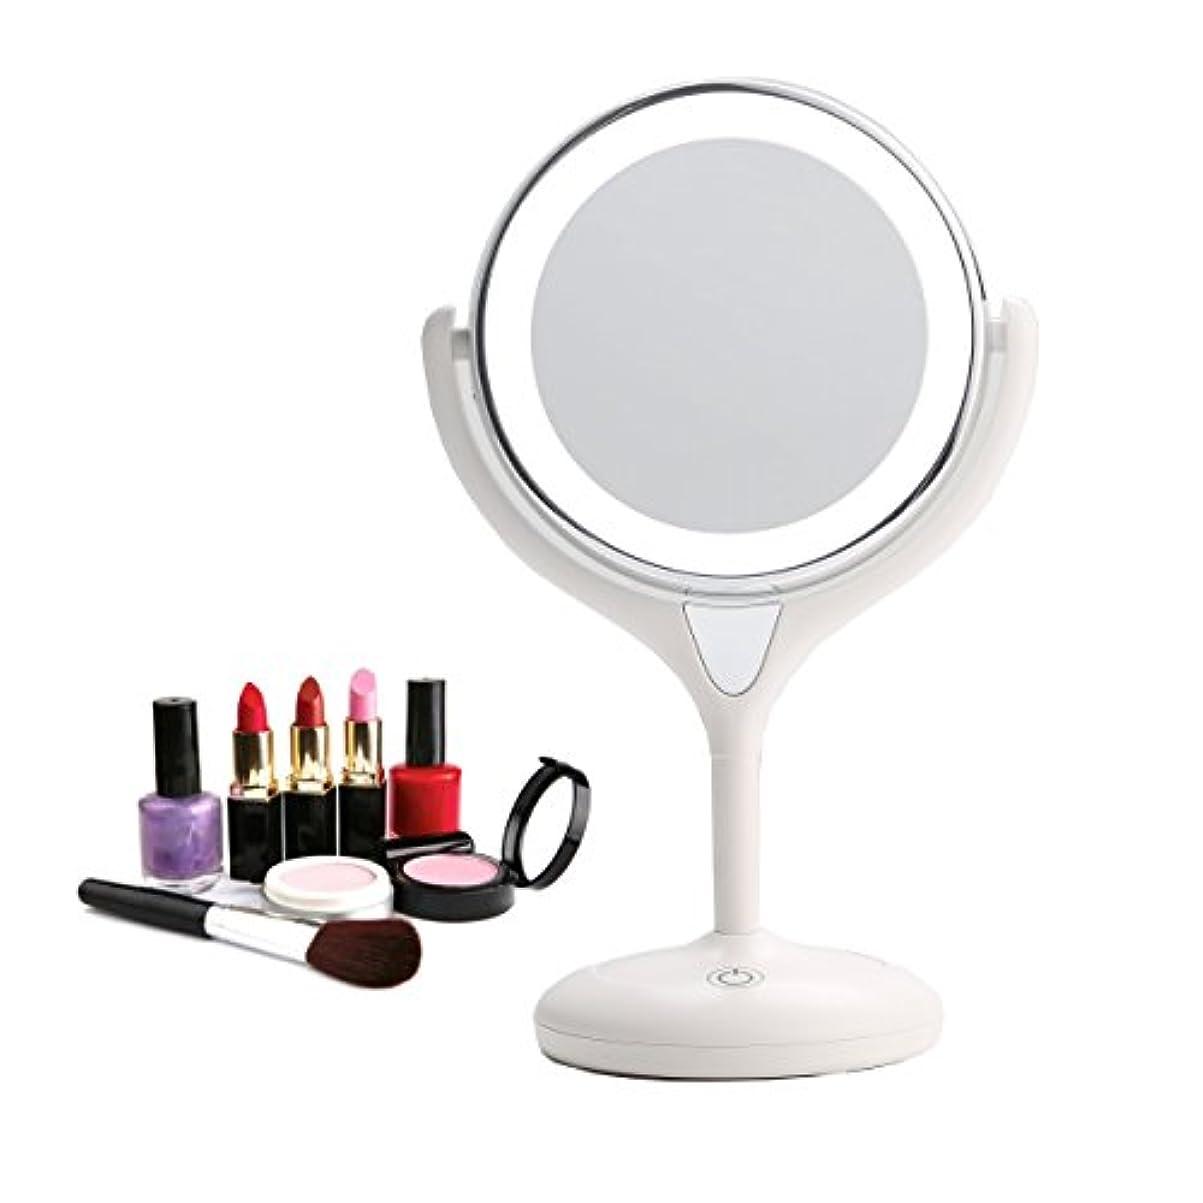 サーバ最後の盗賊Bestaid-スタンドミラー シンプルデザイン 真実の両面鏡DX 10倍拡大鏡 360度回転 卓上鏡 メイク 化粧道具 14 * 11.5 * 28.5cm